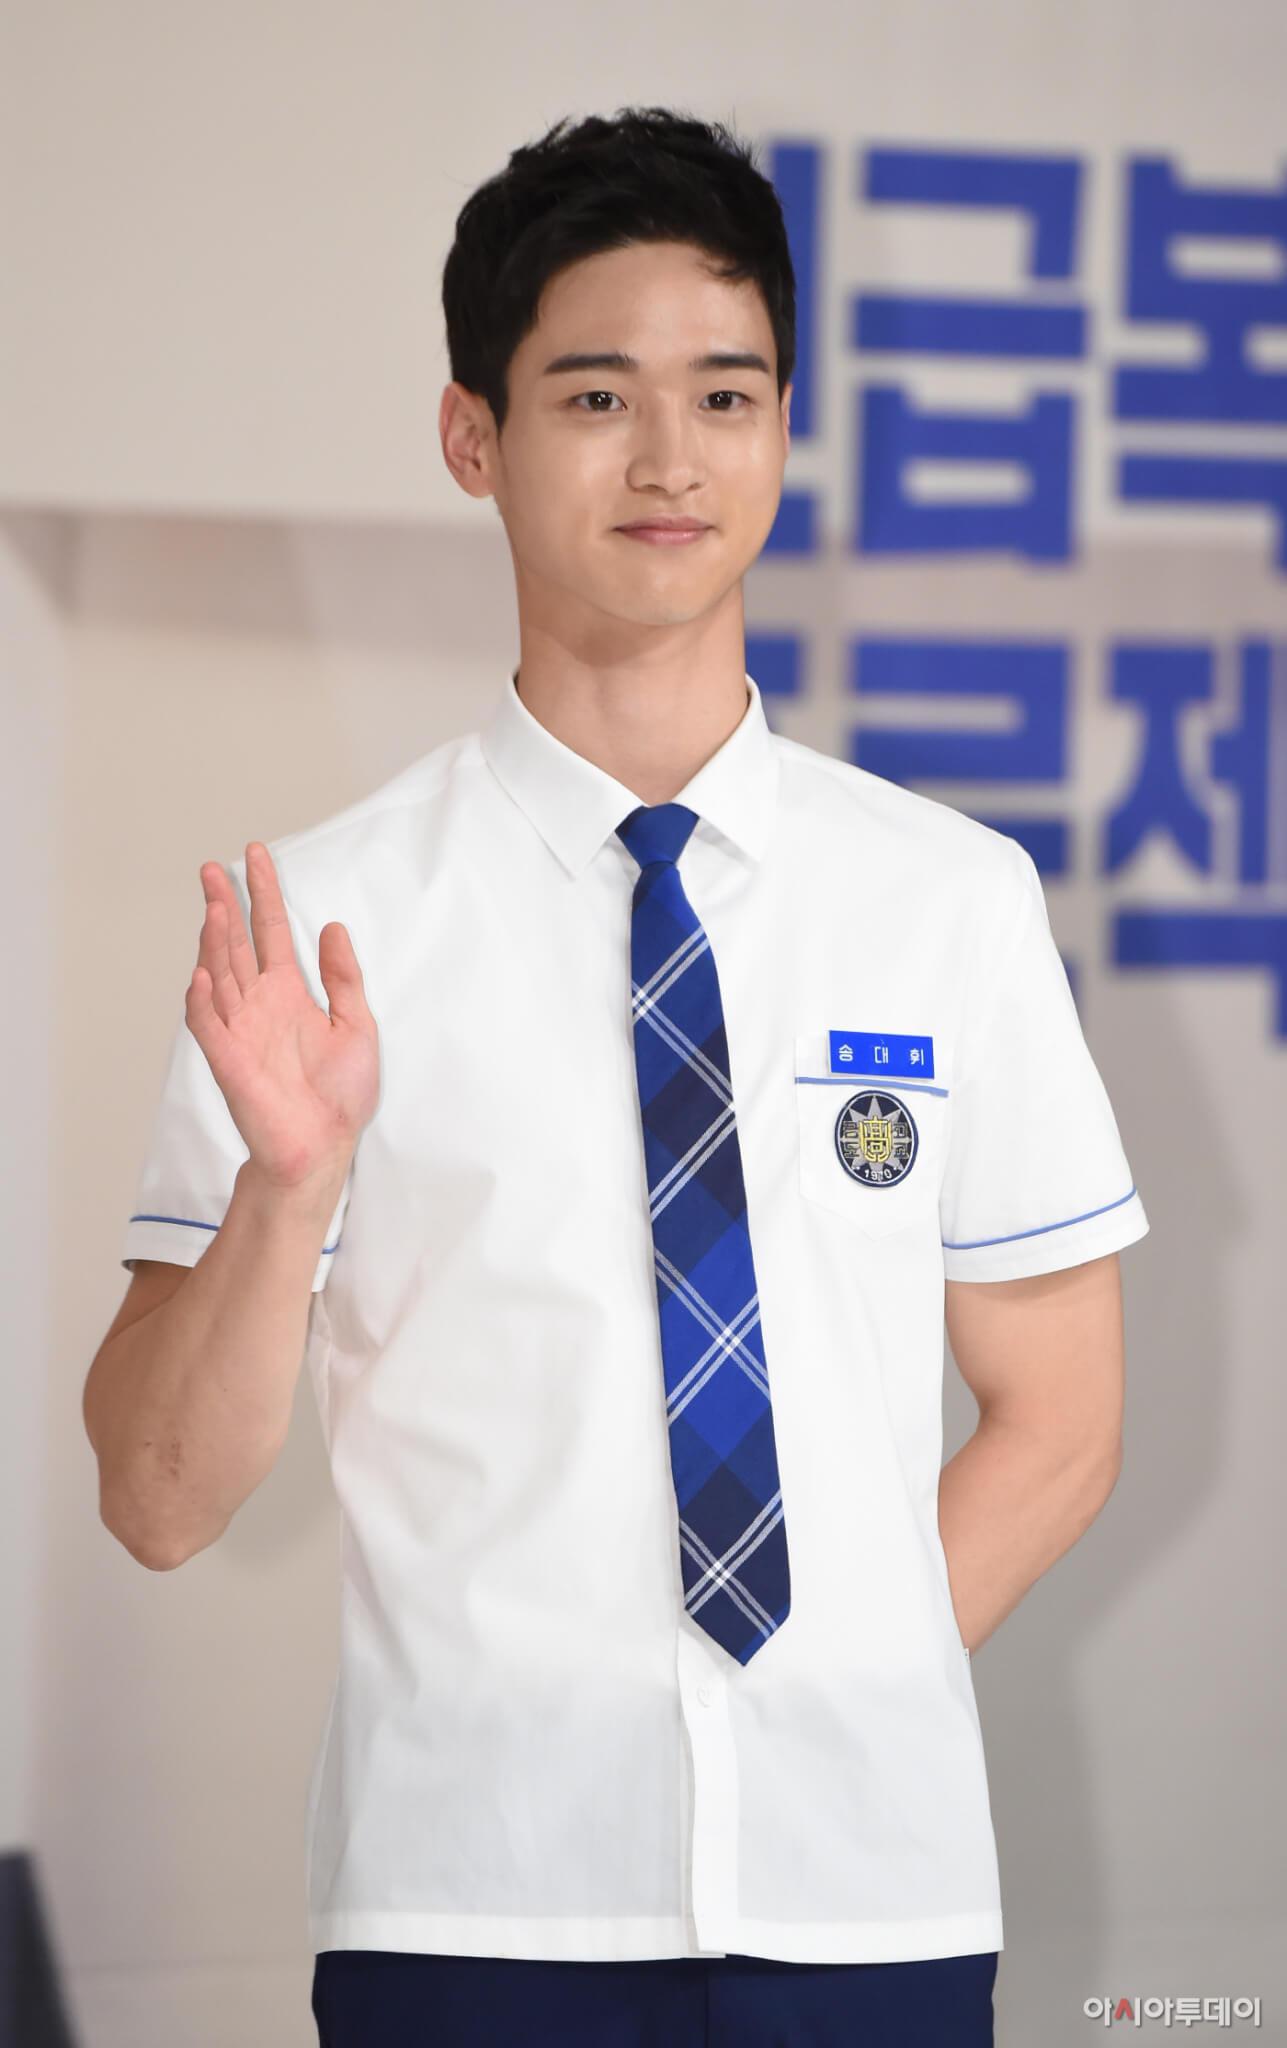 張東尹曾出演《學校2017》而成名,現實中是個man爆的男子漢!